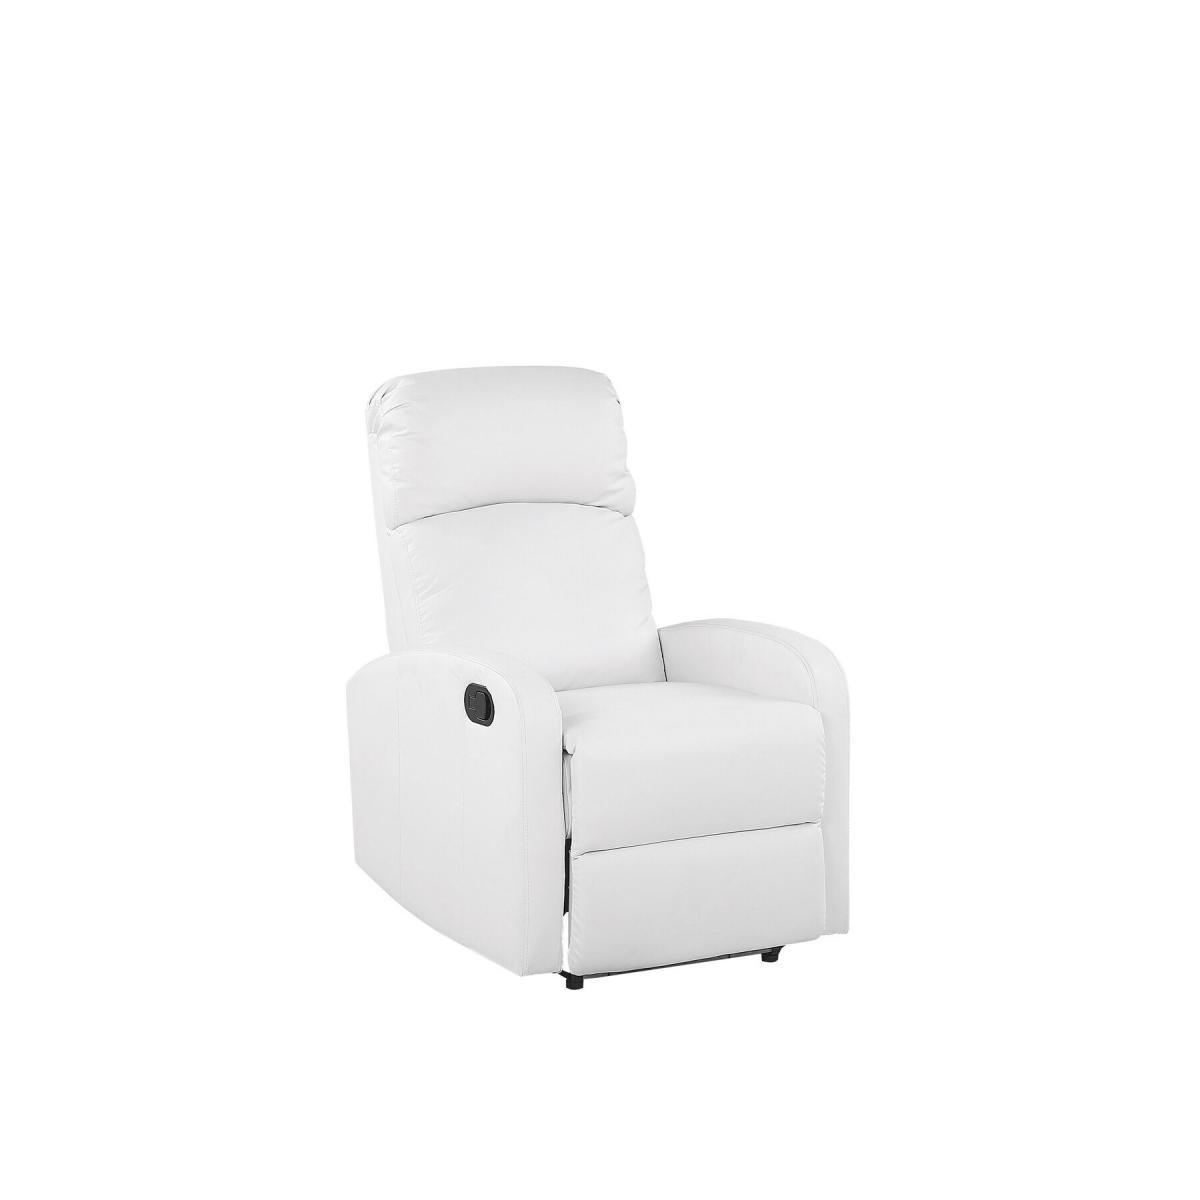 Beliani Beliani Fauteuil de relaxation en simili-cuir blanc avec LEDs et port USB VIRRAT -